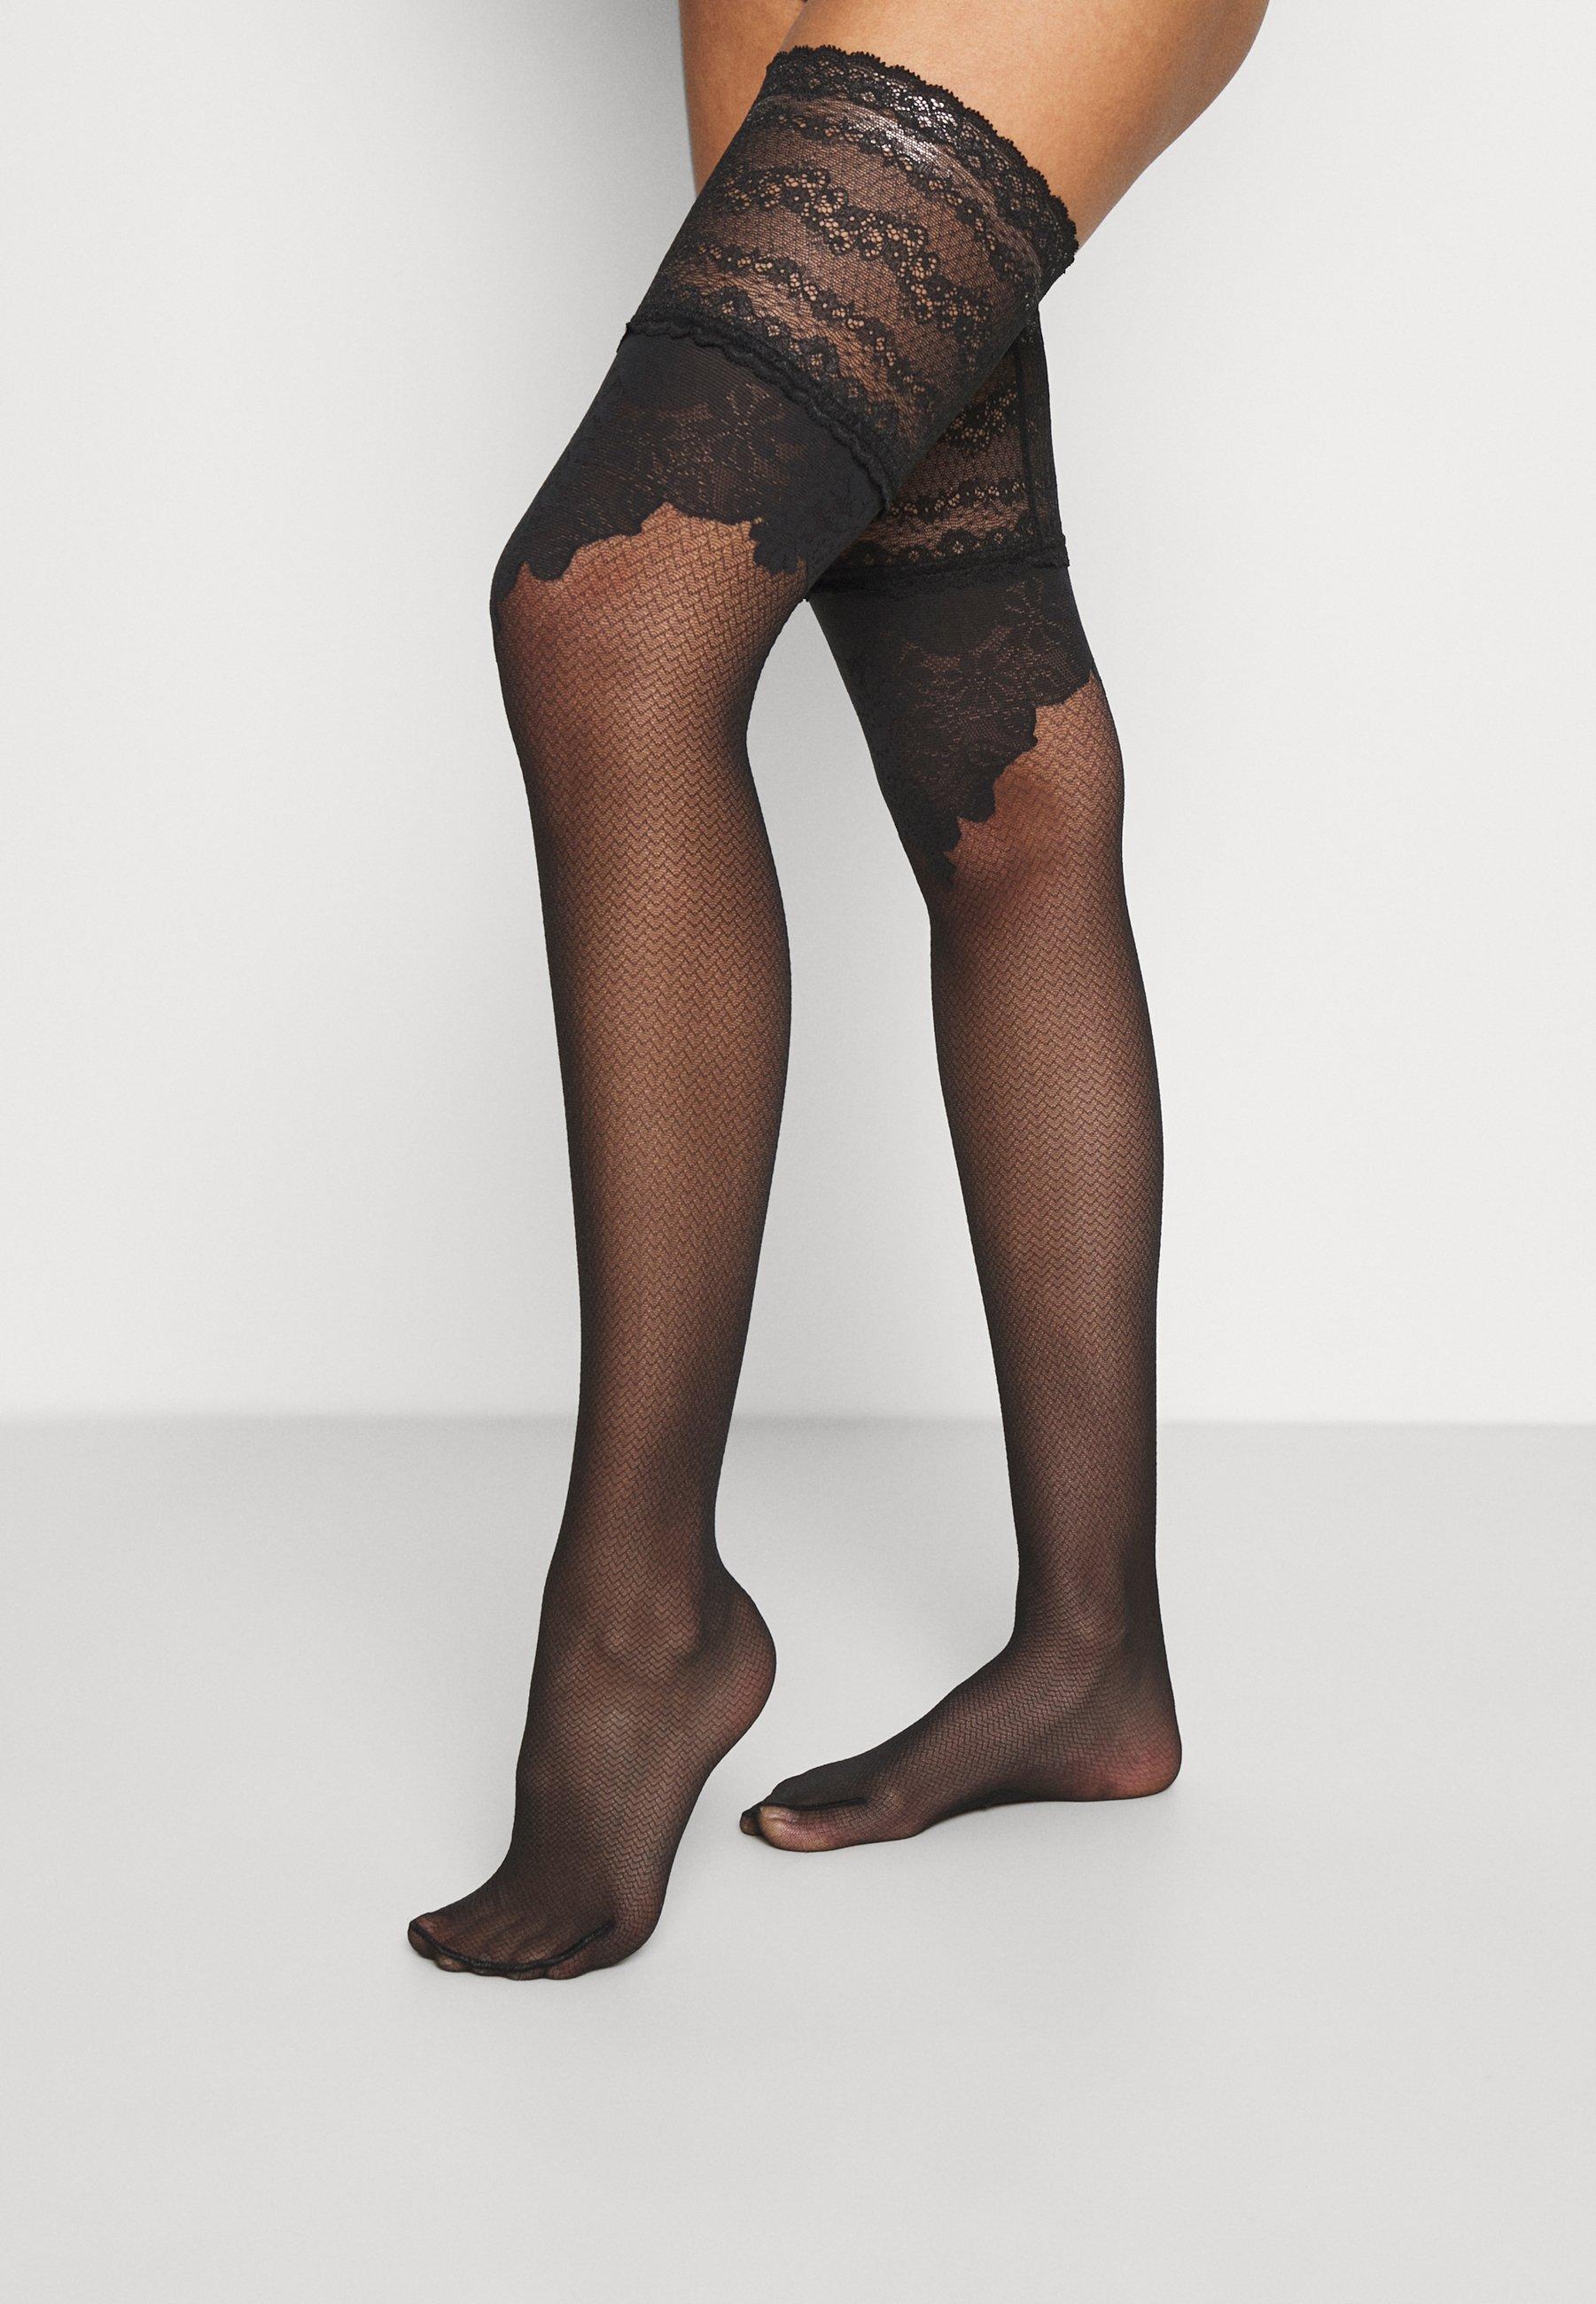 Women CEREMONIAL 20 DENIER STAY UPS TRANSPARENT MATT - Over-the-knee socks